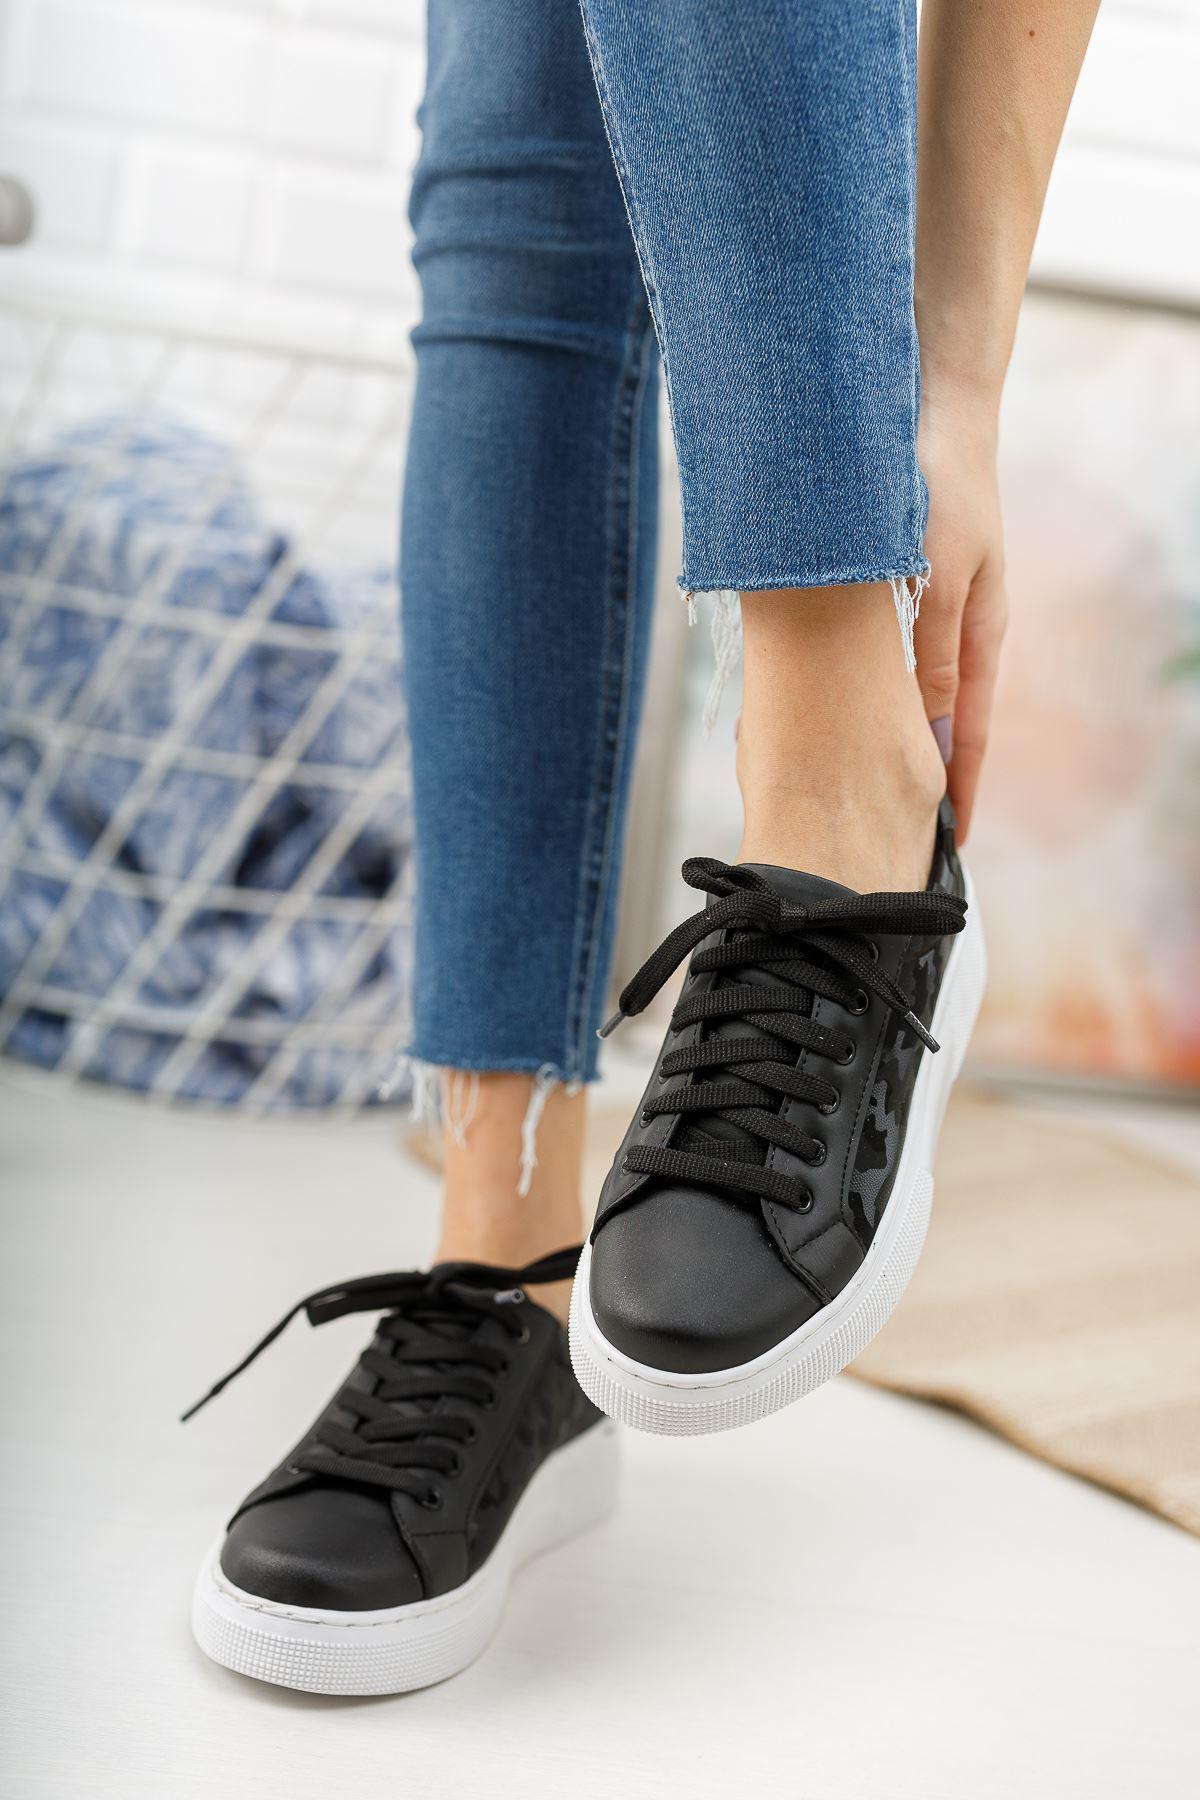 Leone Kamuflaj Desenli Bağcıklı Siyah Spor Ayakkabı